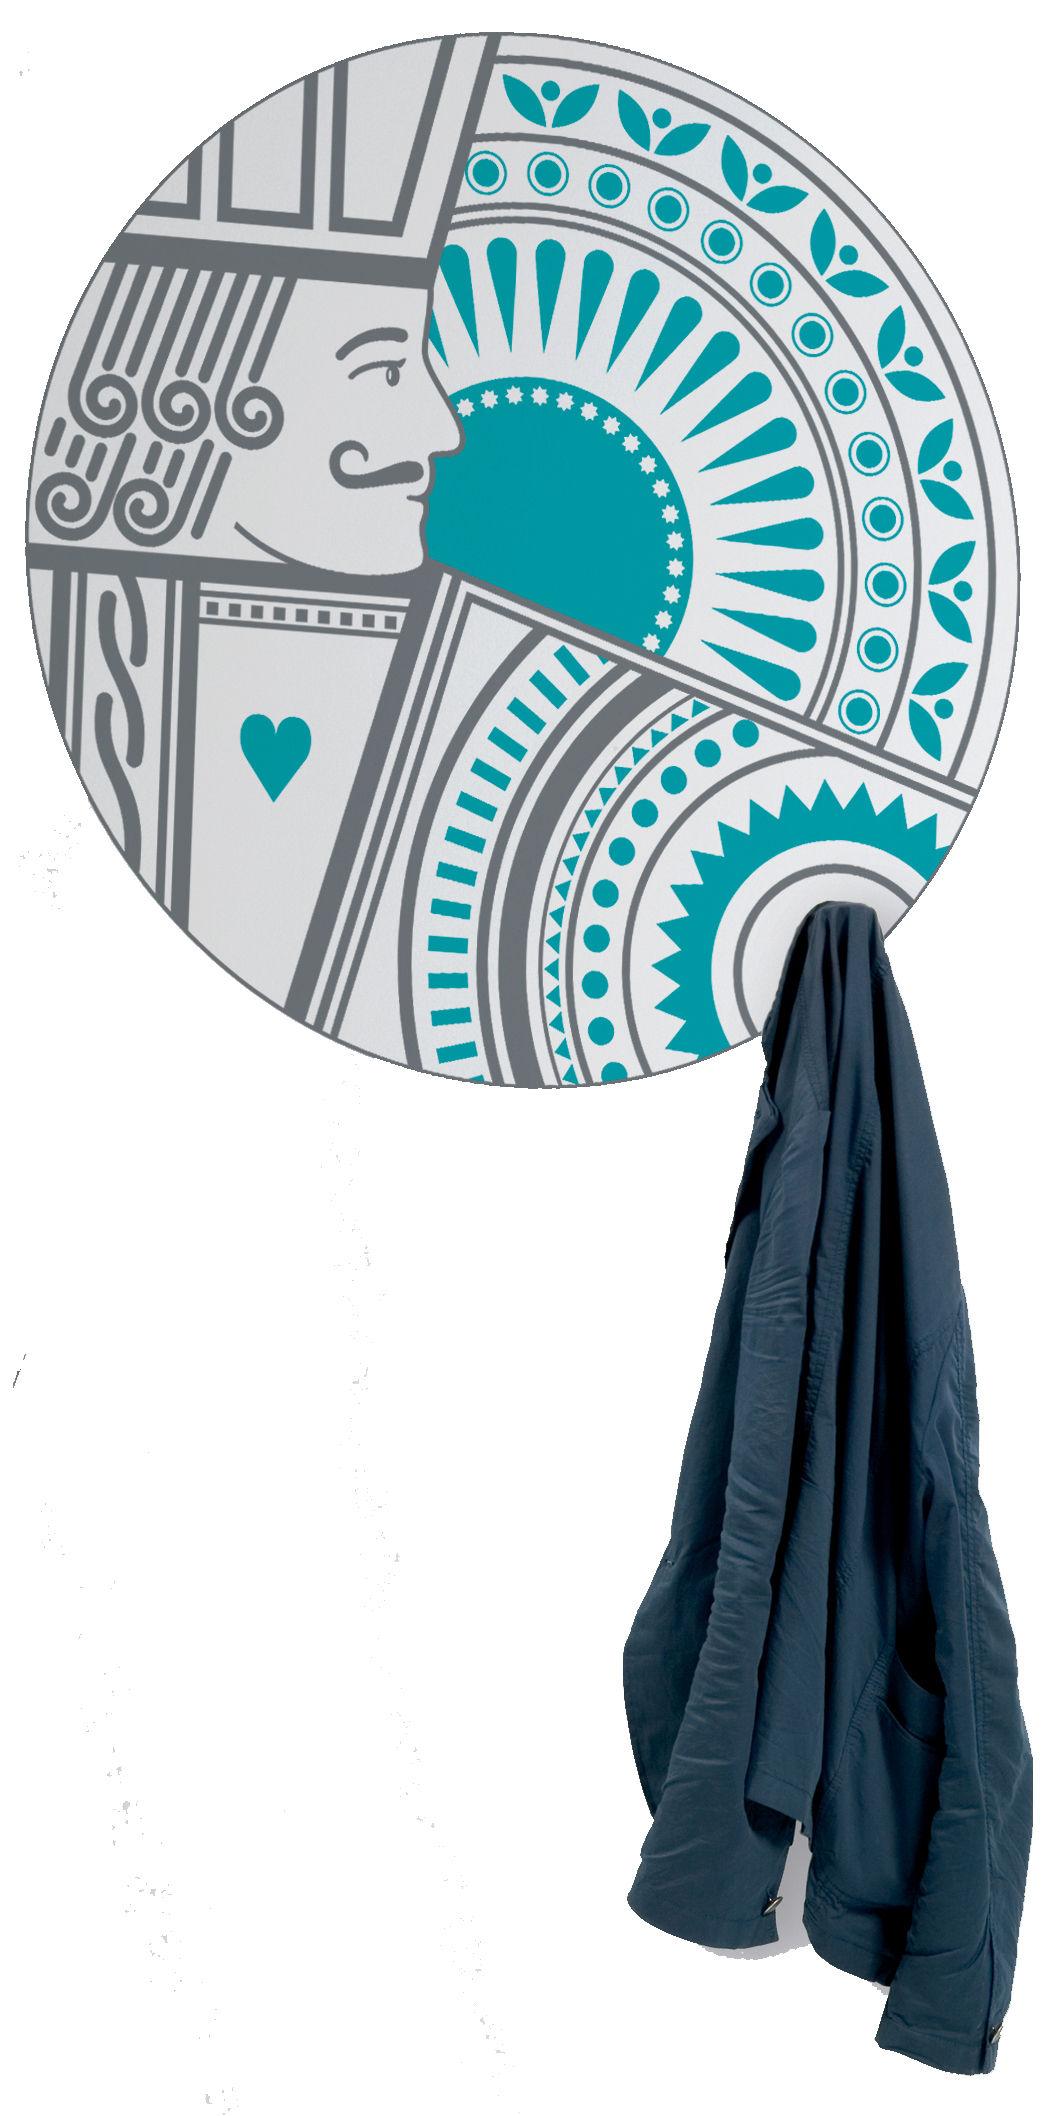 Möbel - Garderoben und Kleiderhaken - A votre service Sticker Garderobe - Domestic - Blau - Vinyl